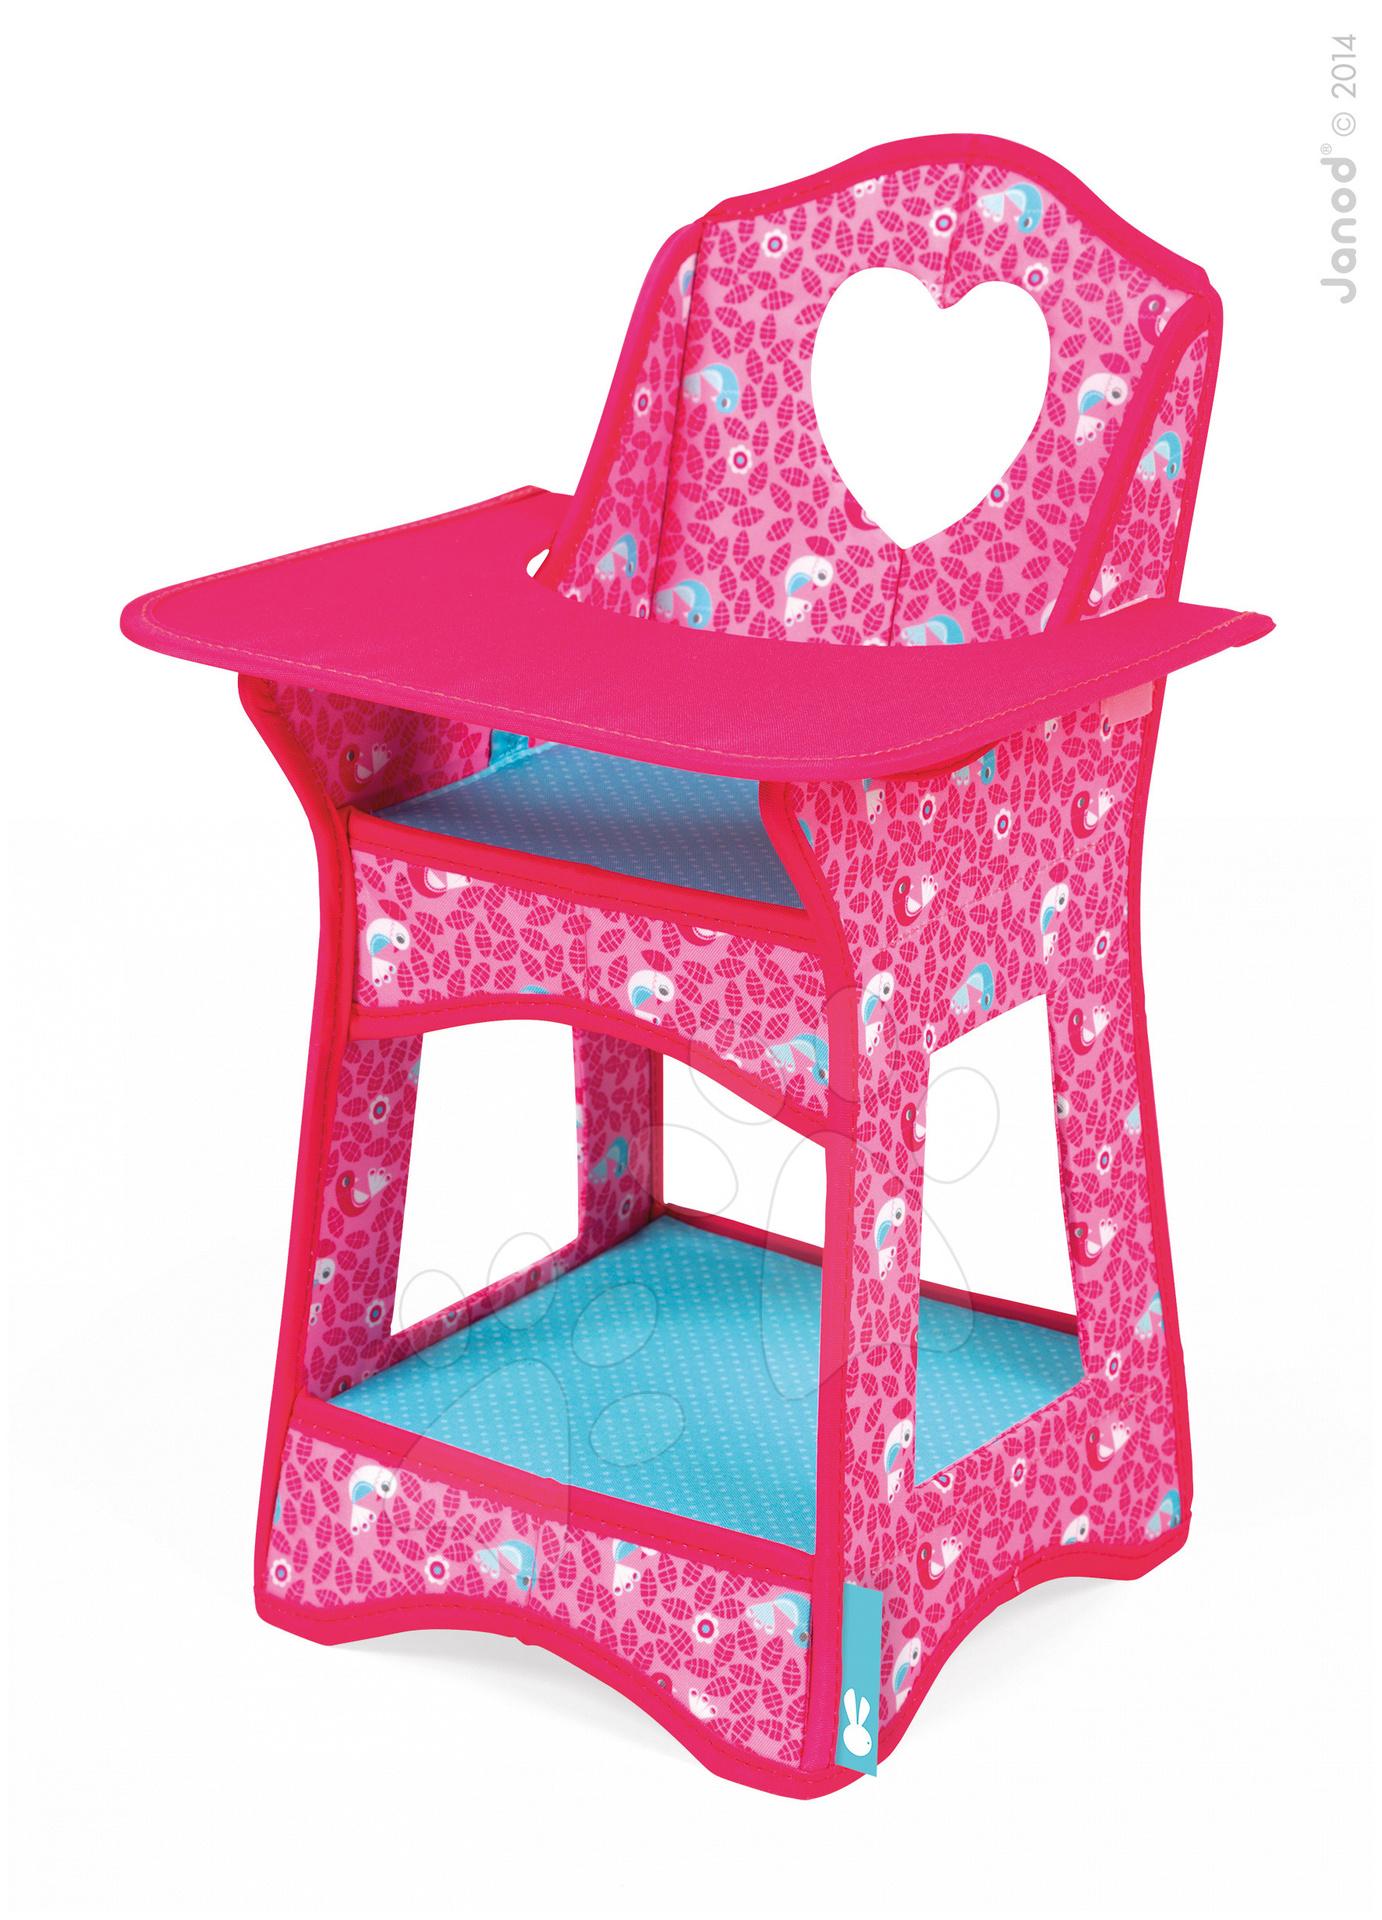 Jídelní židle Birdy Paradise Janod pro 36 cm panenku růžová od 24 měsíců